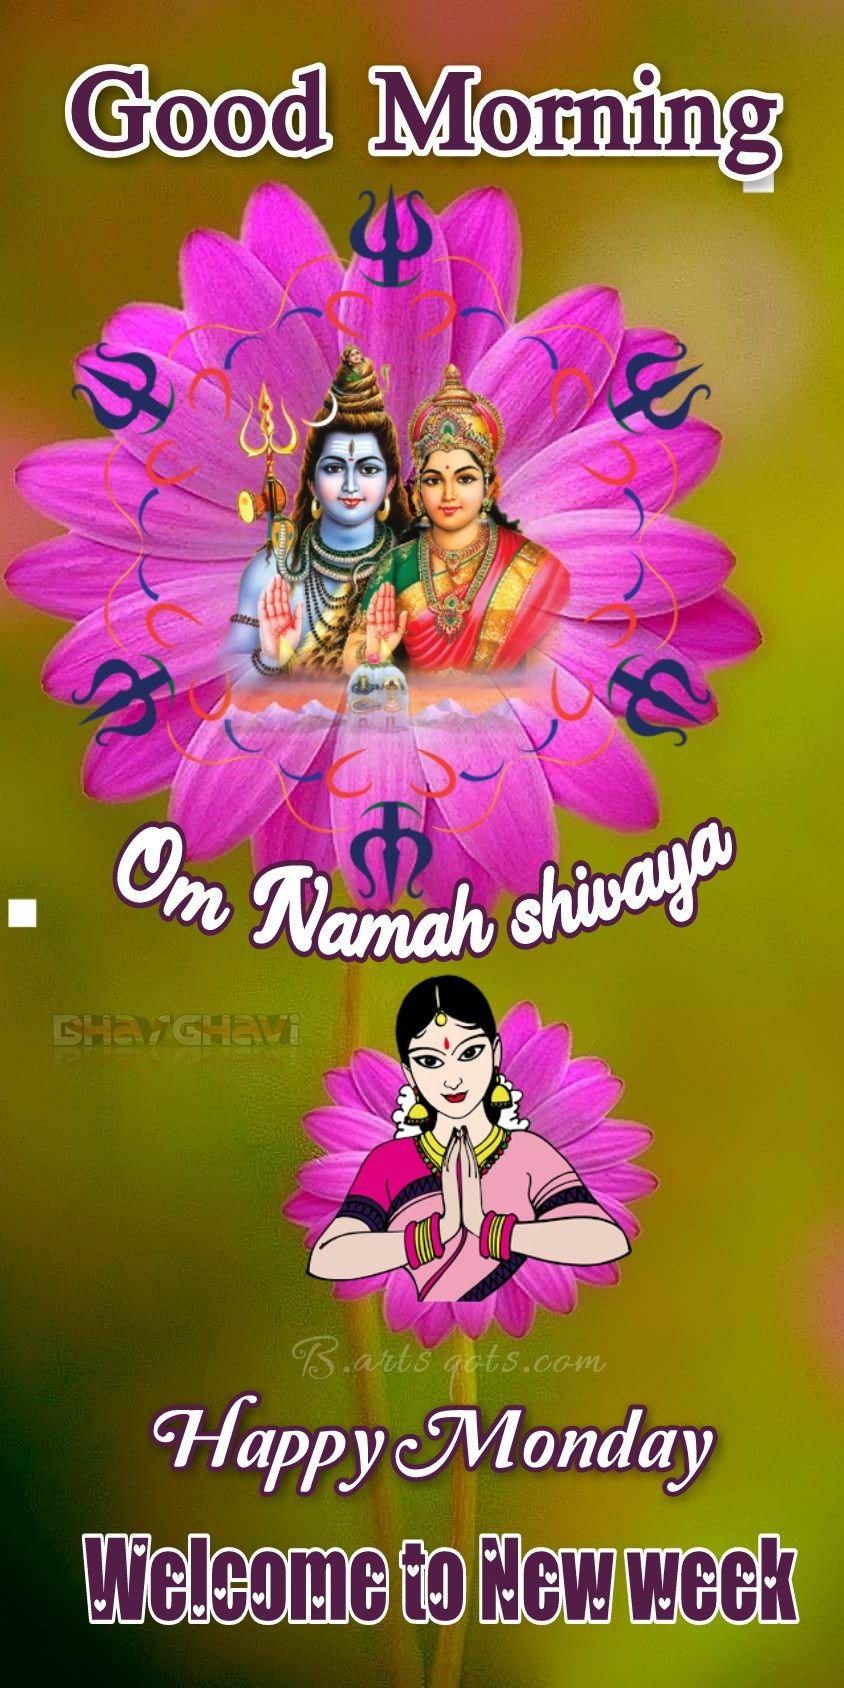 Pin By Vishu Mg On Hindu Gods Good Morning Images Morning Images